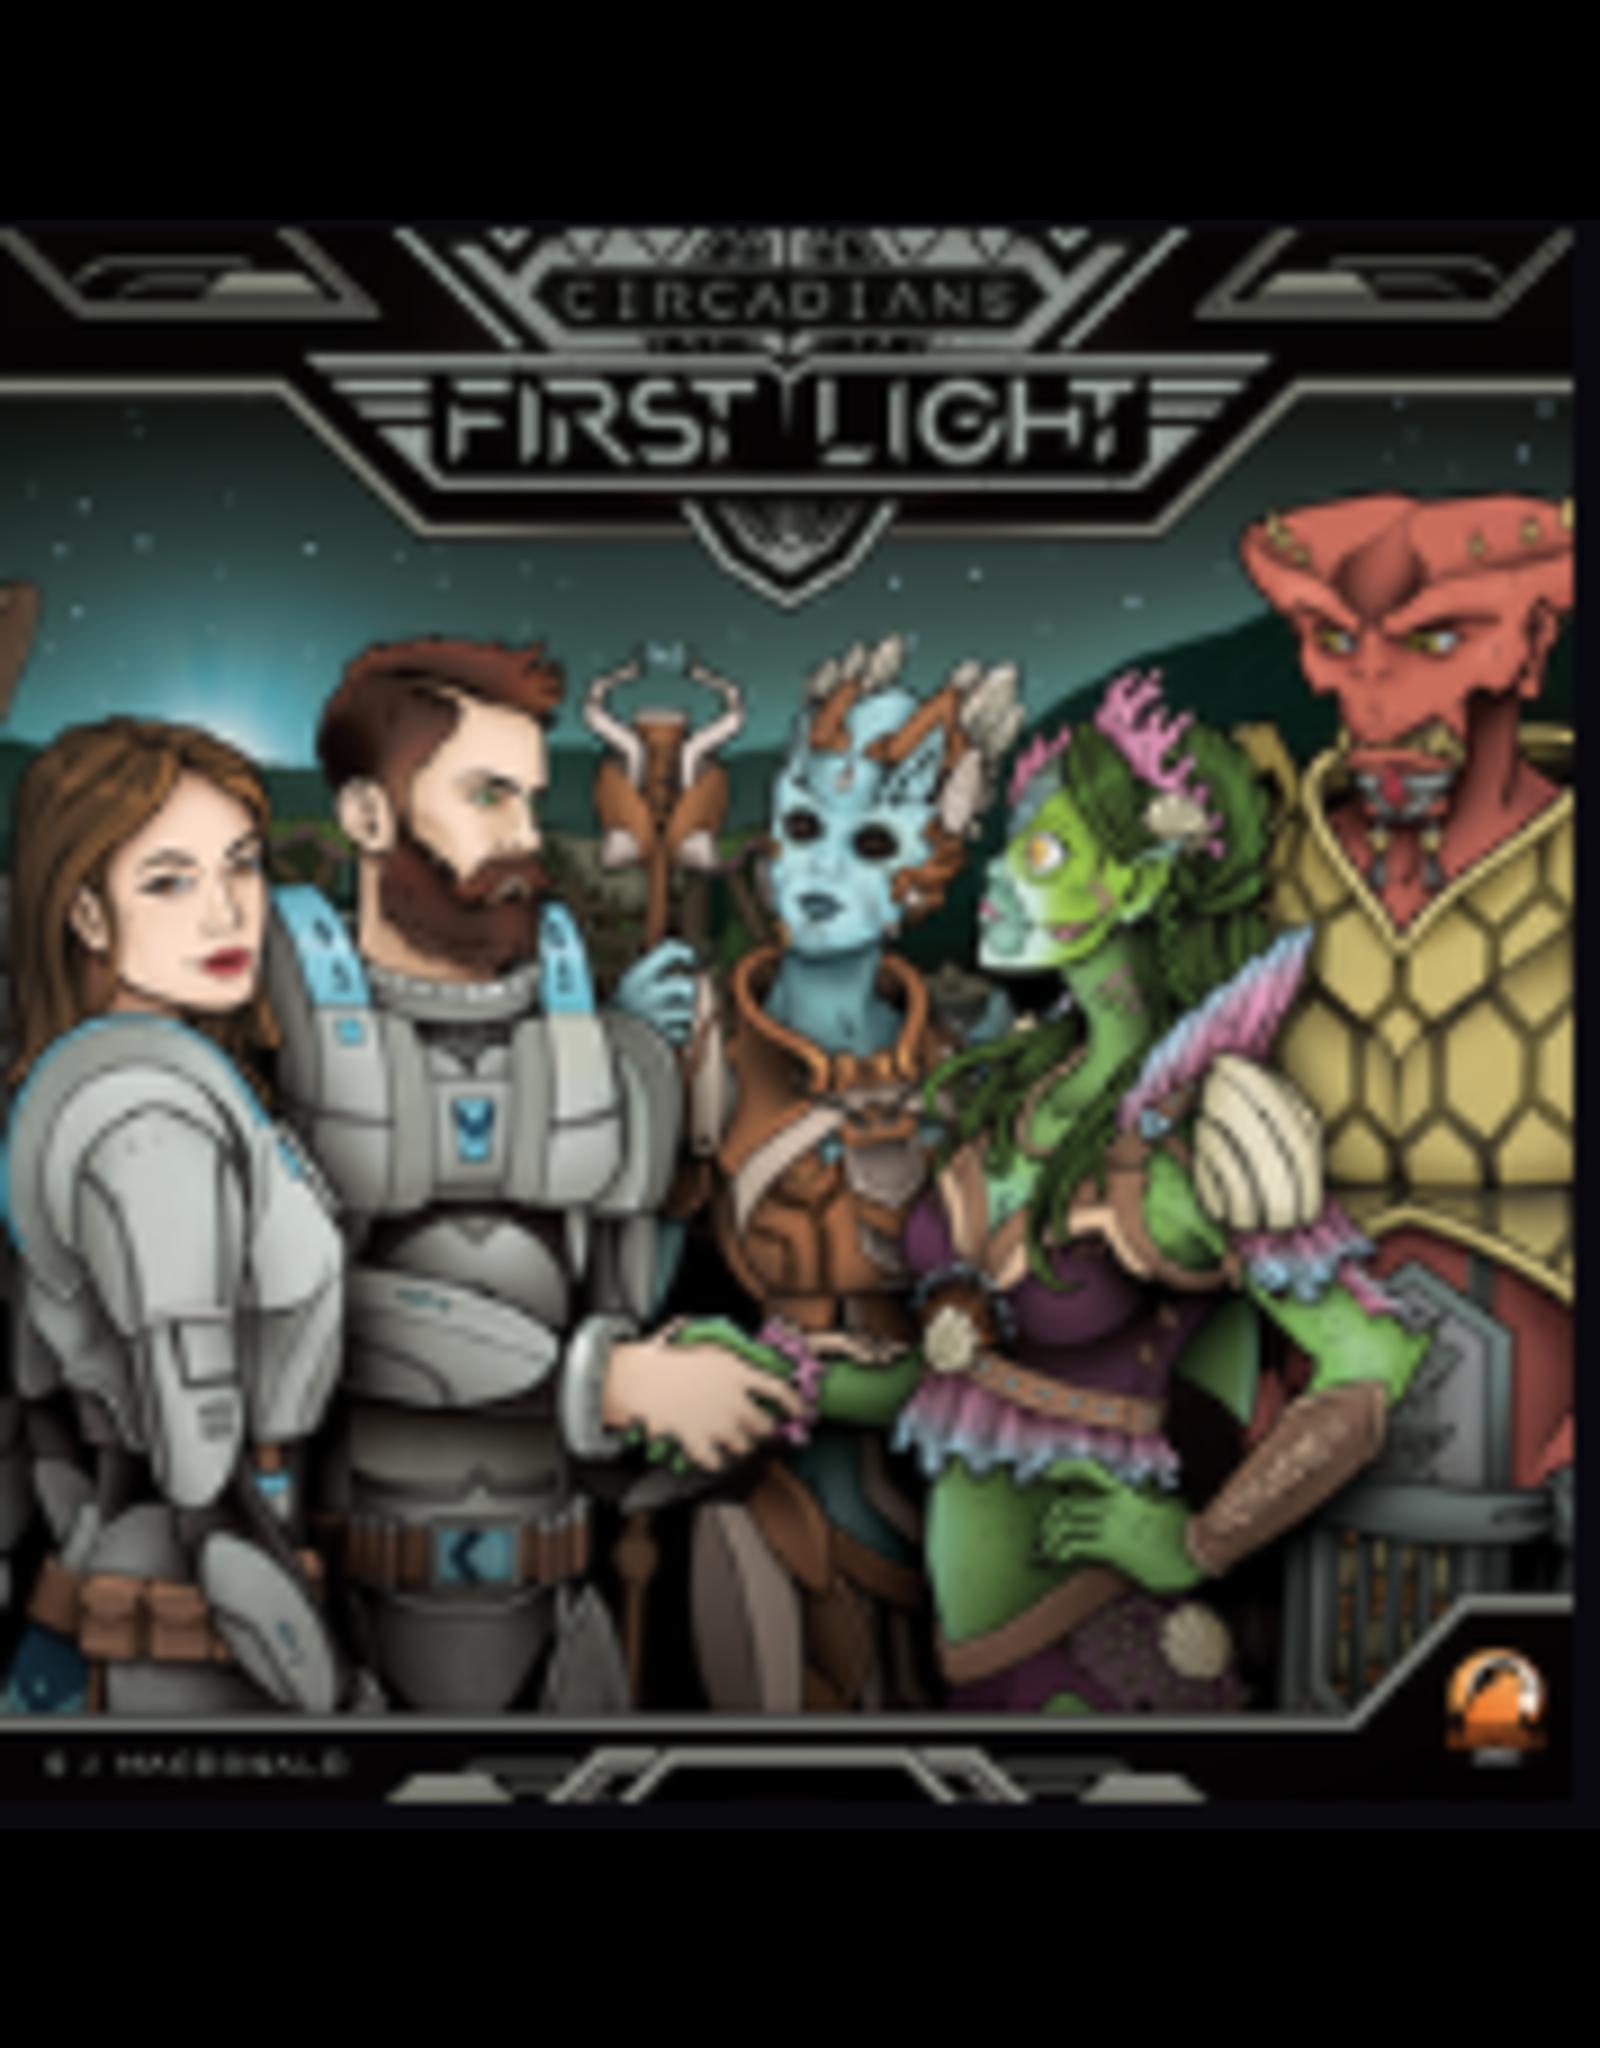 Renegade Circadians: First Light